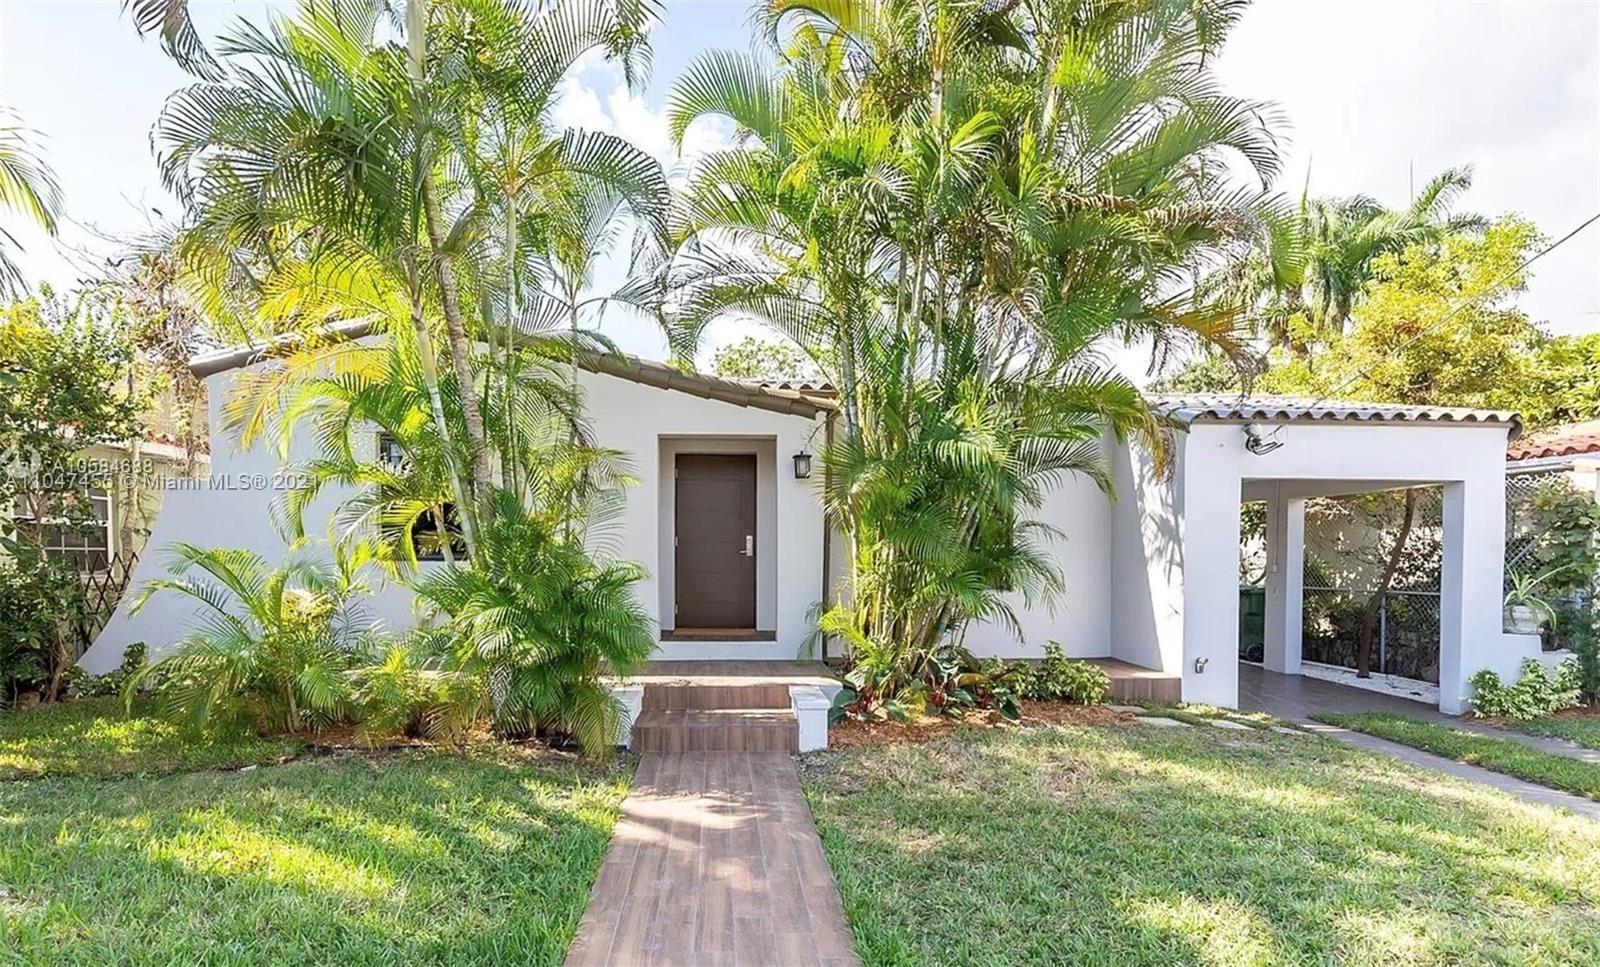 332 SW 20th Rd, Miami, FL 33129 - #: A11047455